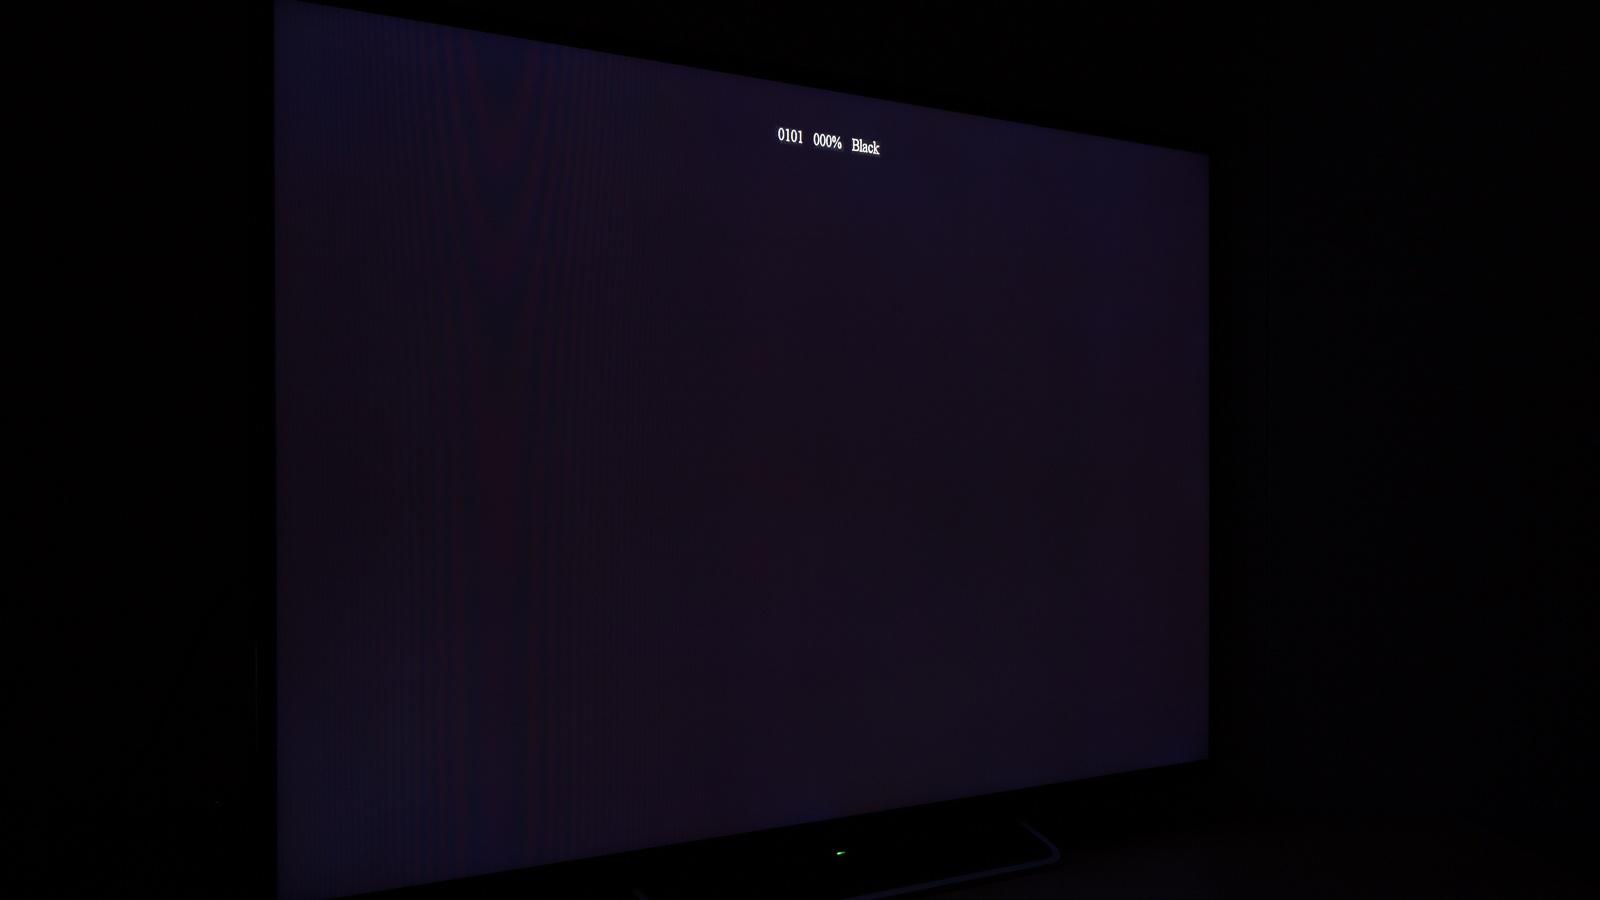 Sony 39 s 60 w60 review beeldeigenschappen tweakers - Goede hoek televisie ...